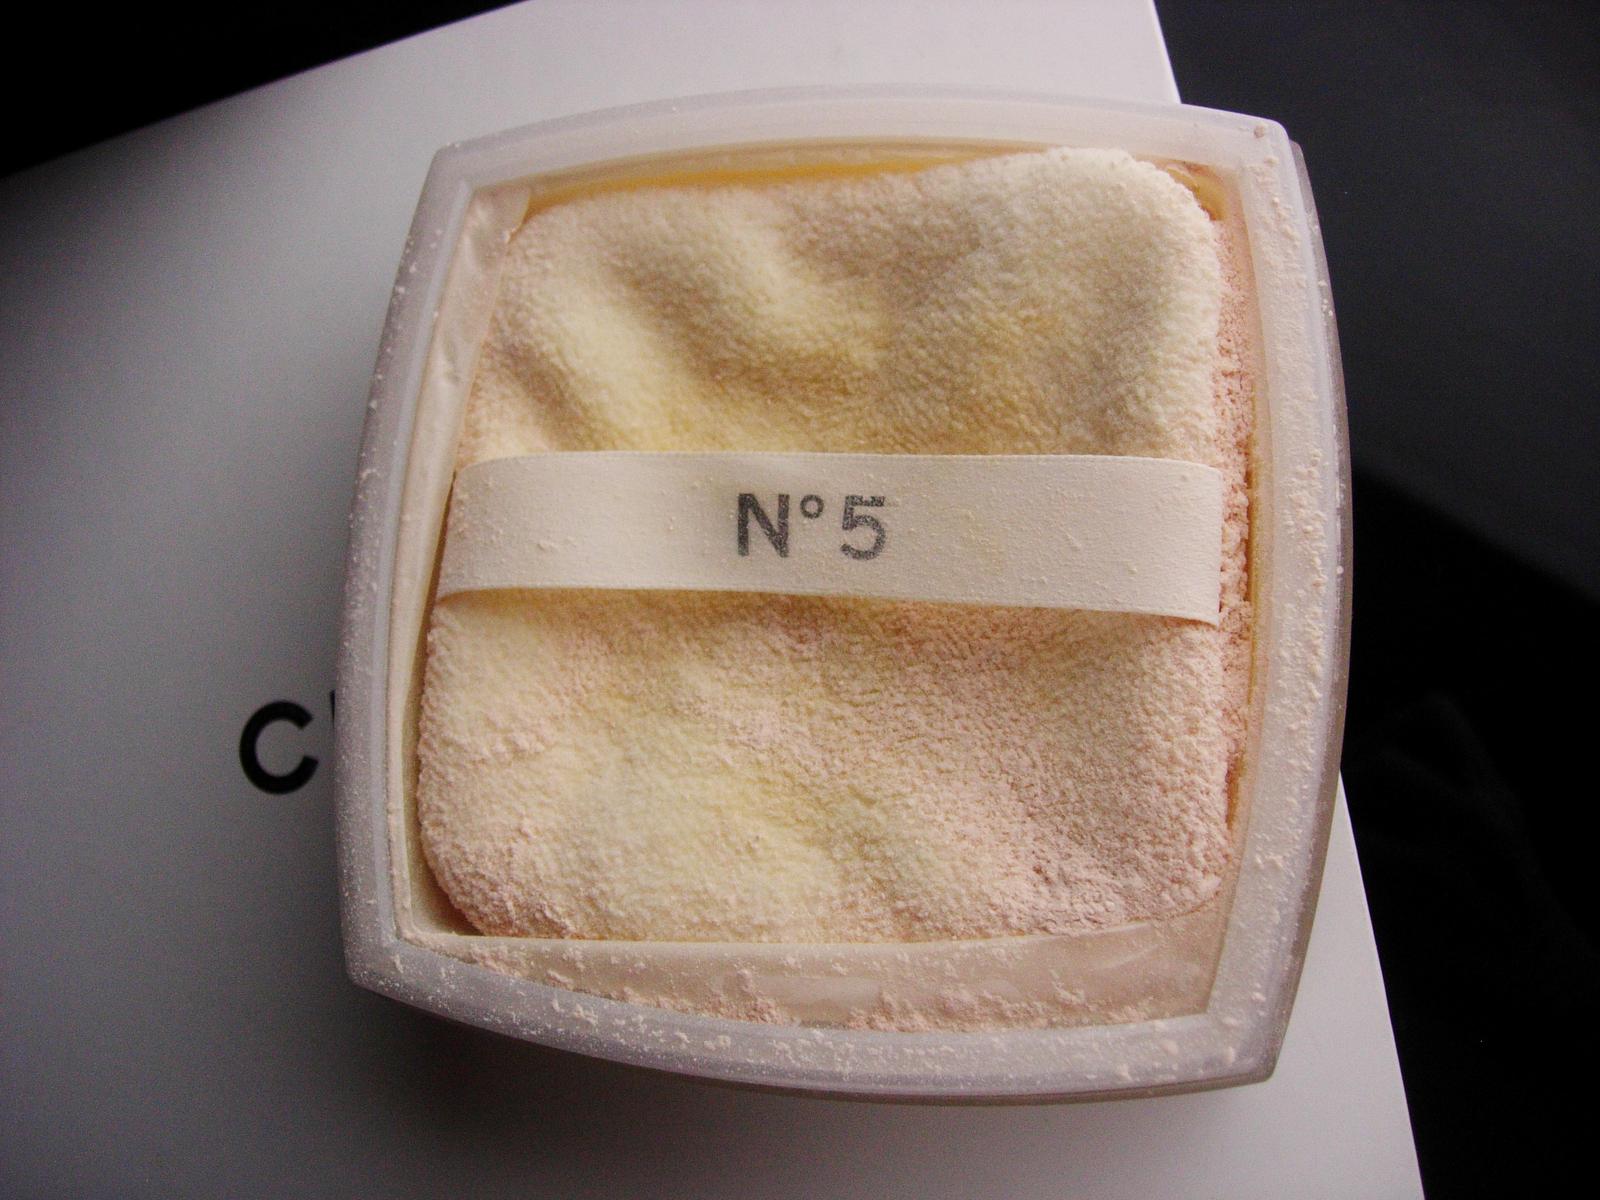 Vintage 5oz Chanel powder and BOX - loose dusting powder - silky after bath powd